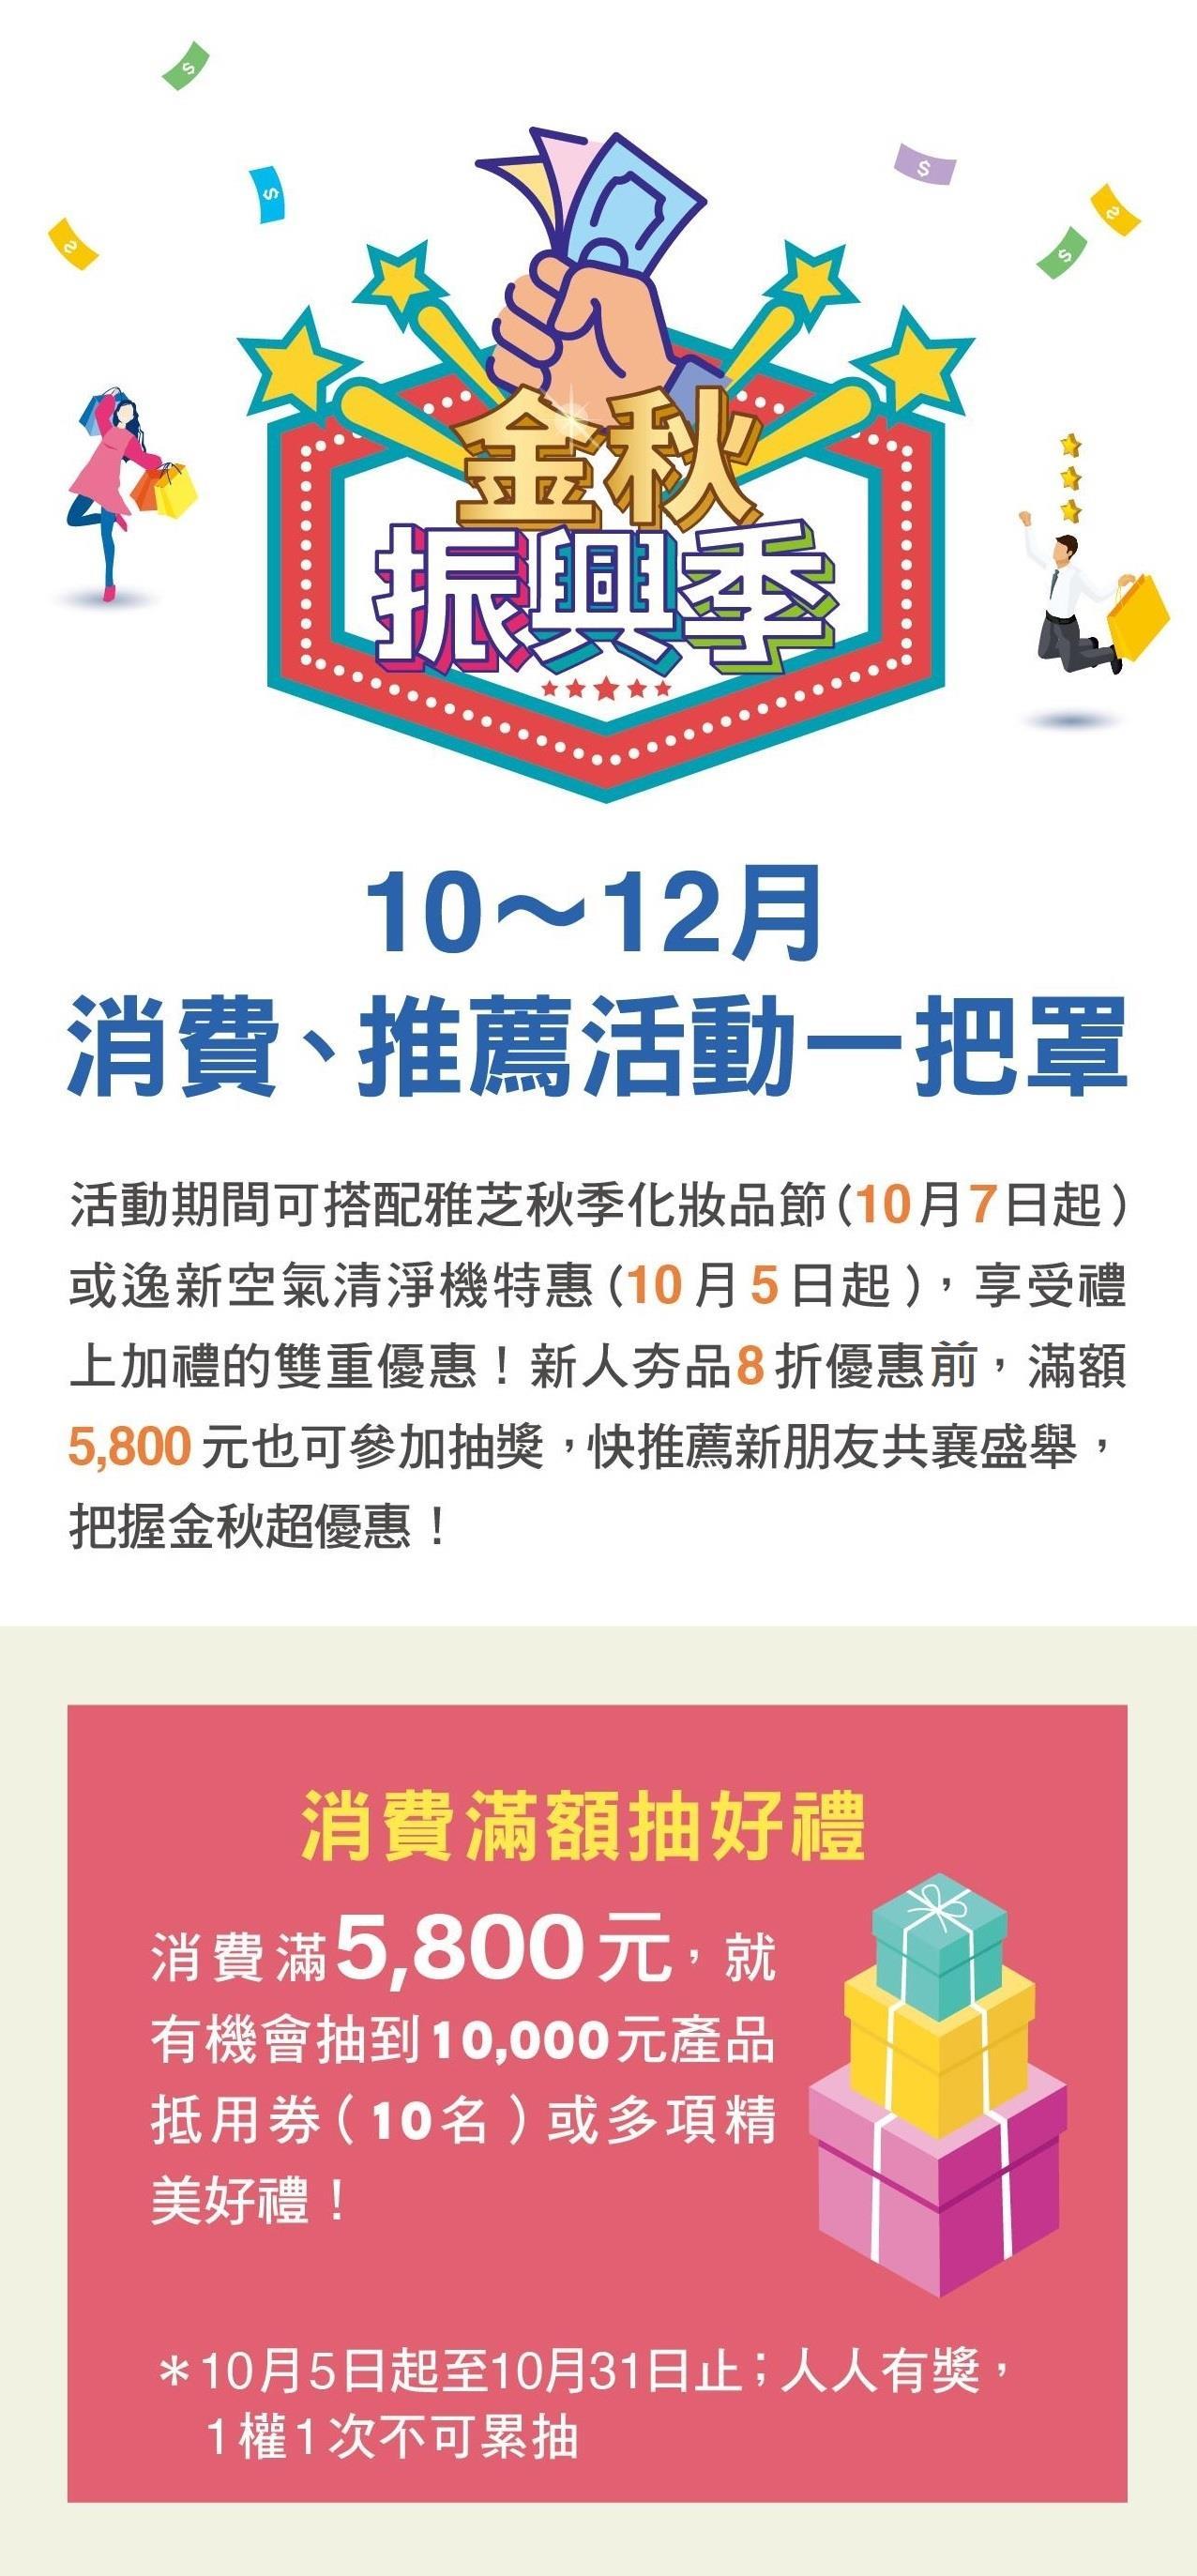 金秋振興季 10~12月消費、推薦活動一把罩